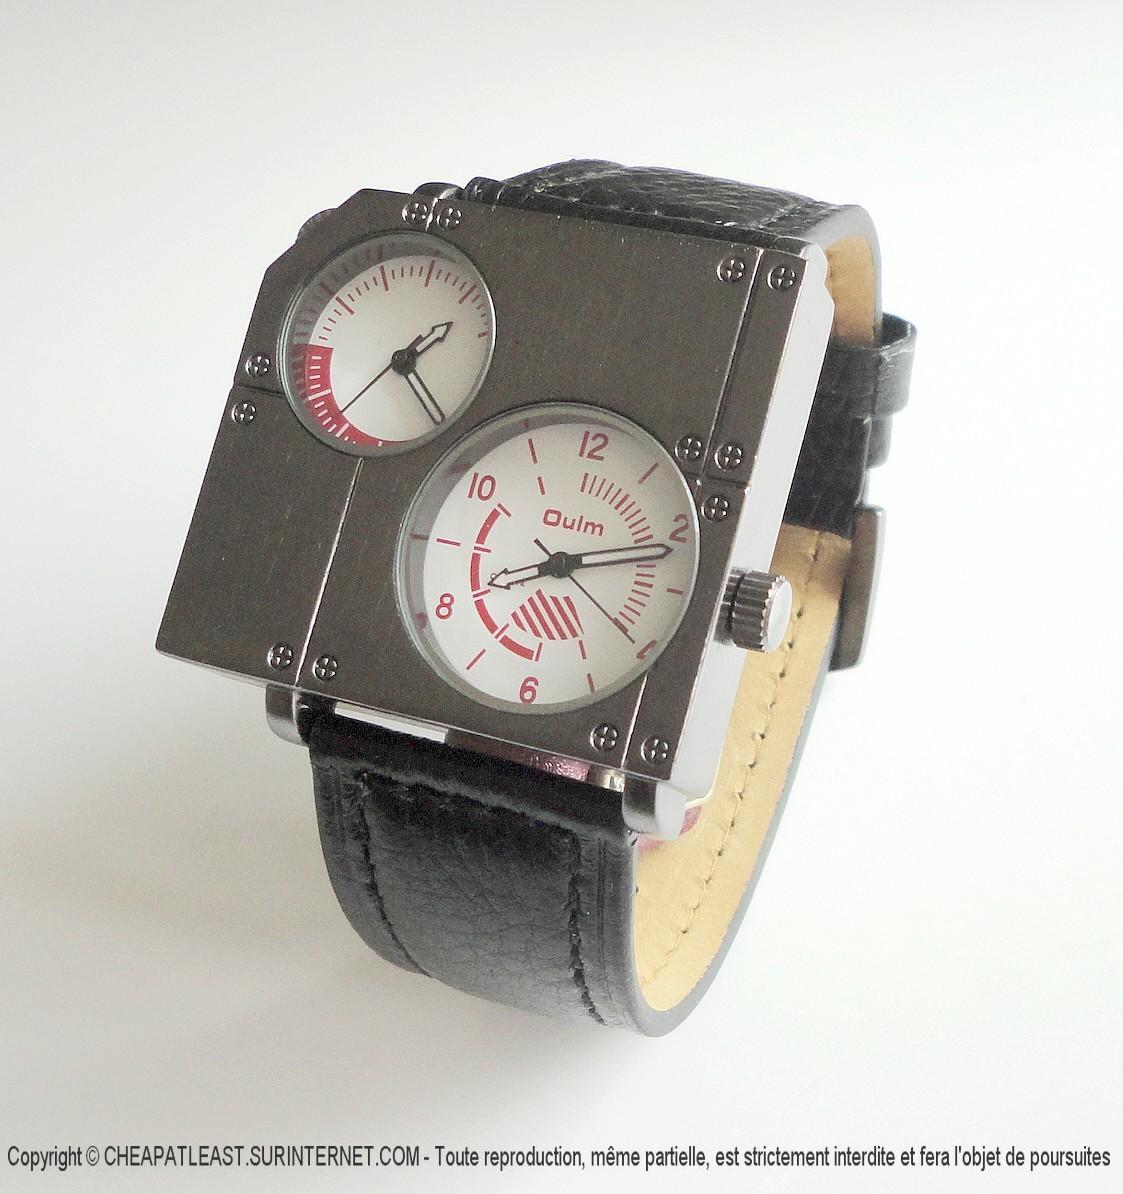 montre design double cadran bracelet cuir noir cheapatleast. Black Bedroom Furniture Sets. Home Design Ideas